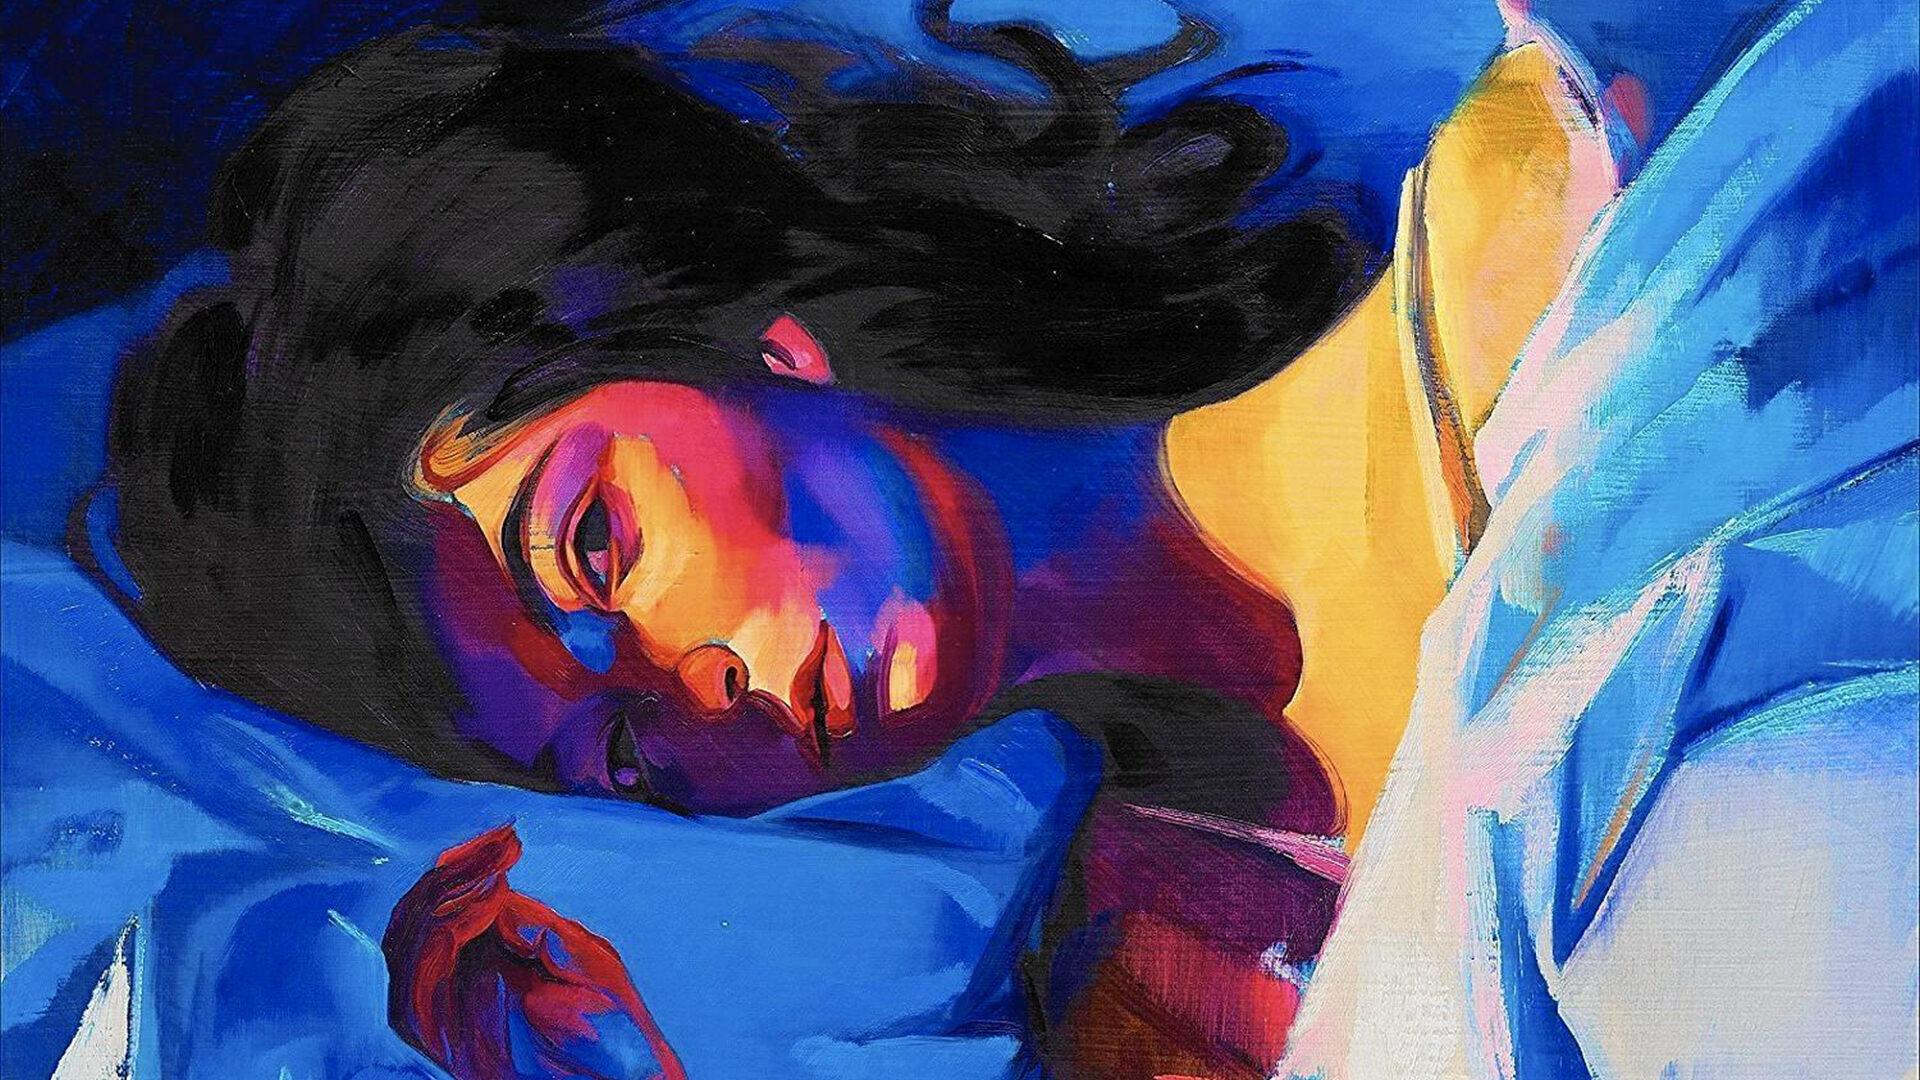 'Melodrama' – Khi Lorde trở lại sau cơn bão lòng